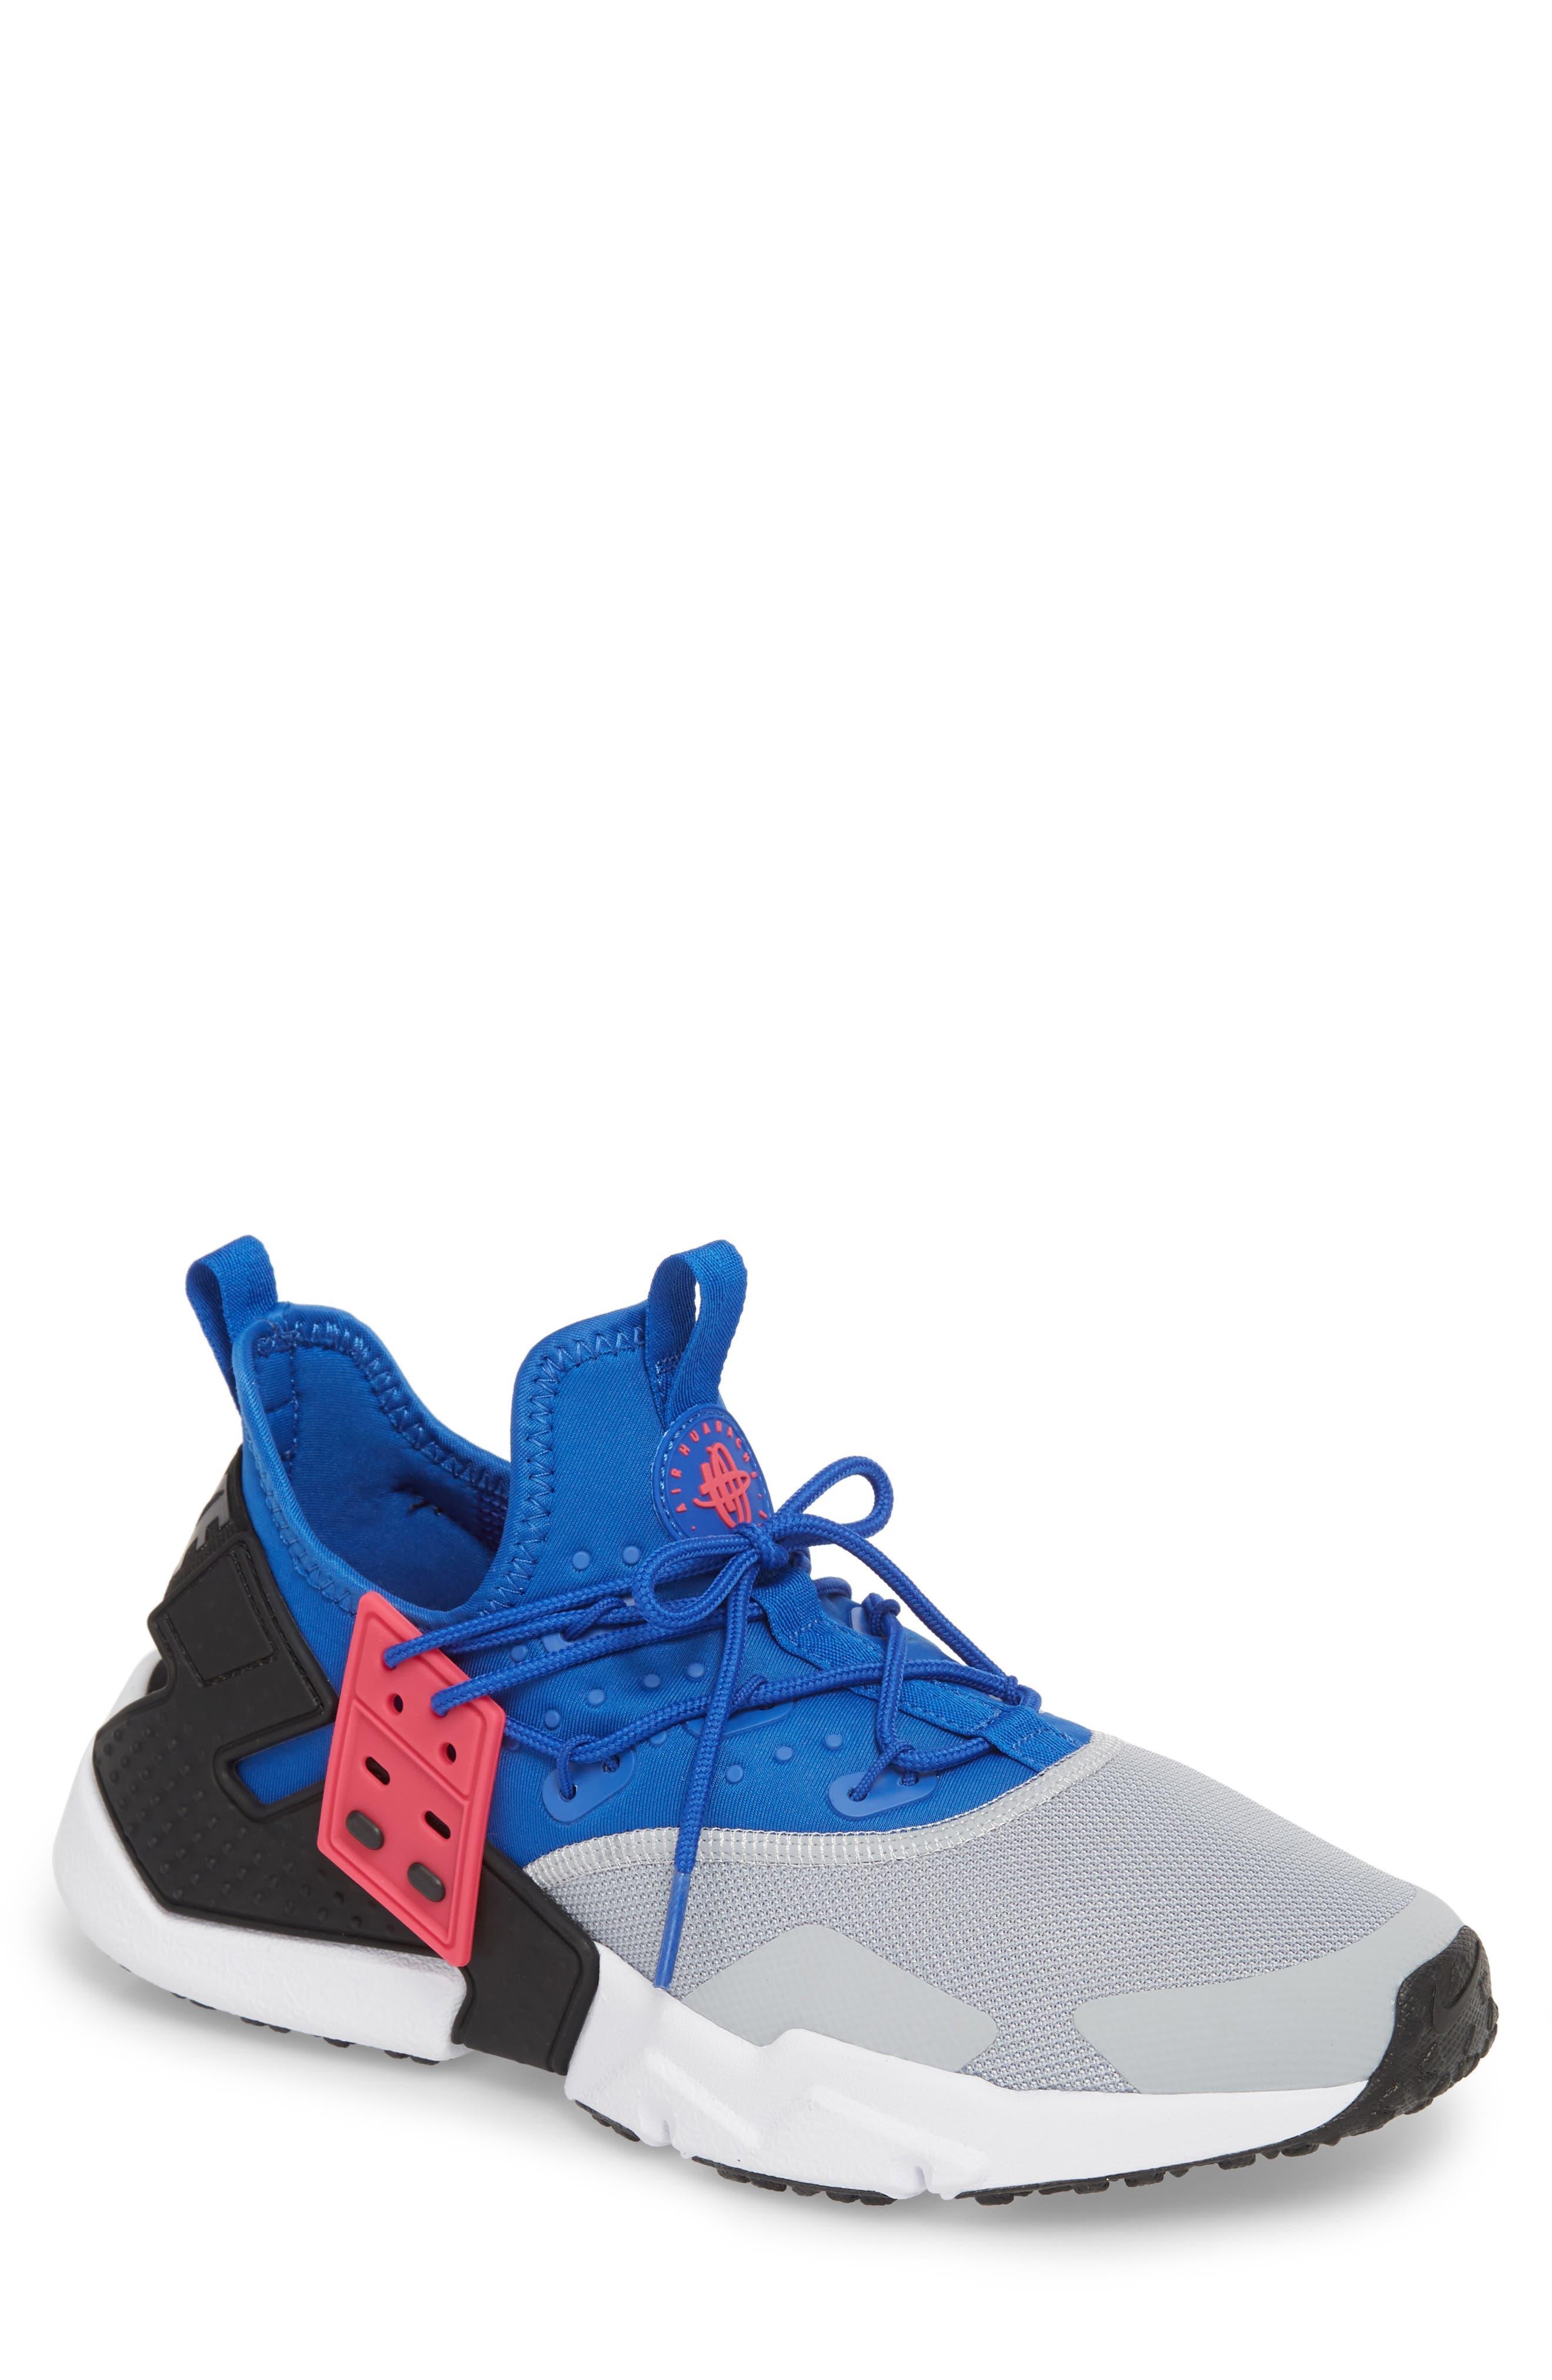 Air Huarache Drift Sneaker,                         Main,                         color, Game Royal/ White/ Wolf Grey